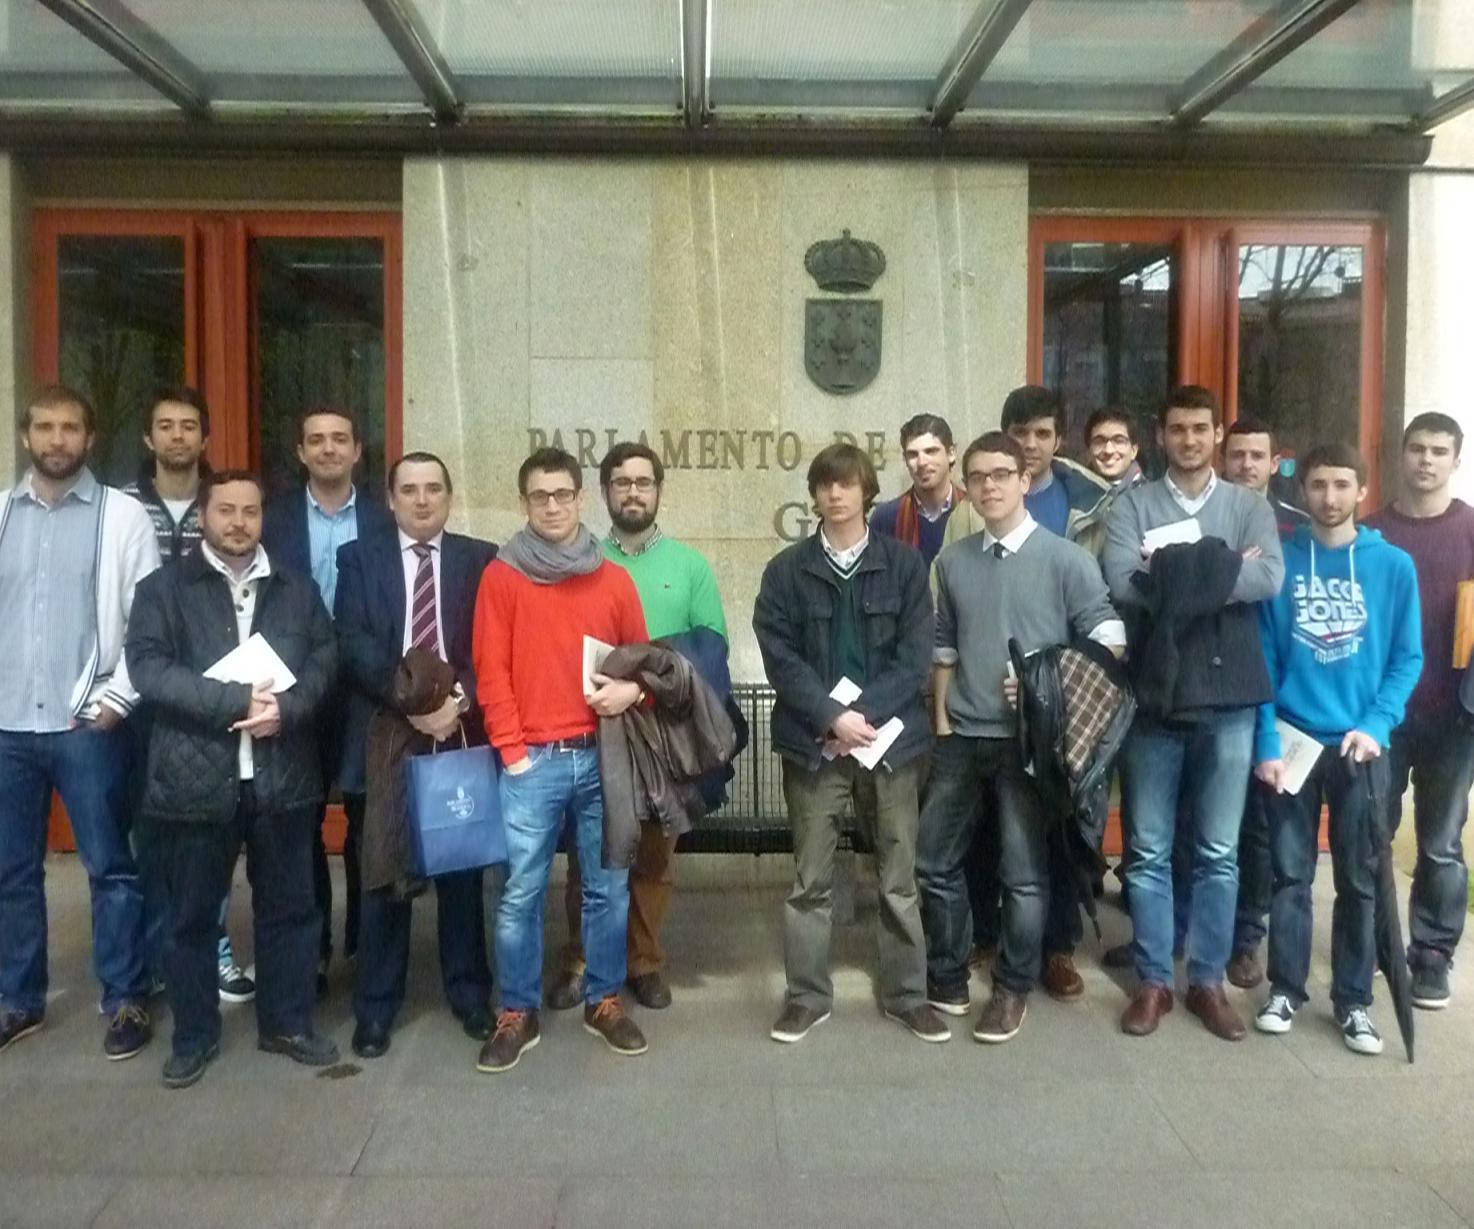 Residentes del Colegio Mayor visitan el Parlamento de Galicia